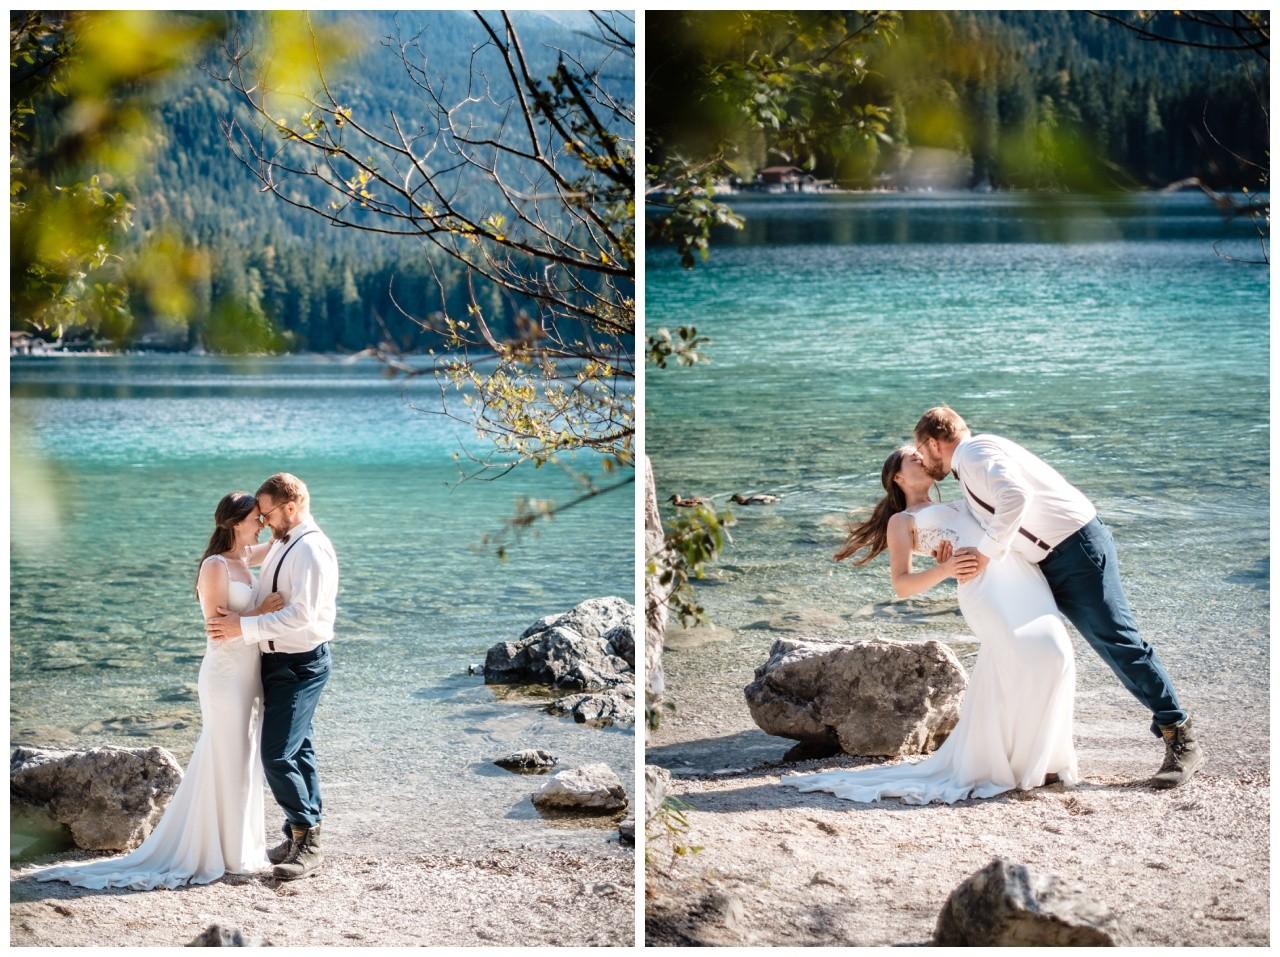 hochzeitsfoto eibsee zugspitze gamisch hochzeitsfotograf foto paarshooting 29 - Hochzeitsfotos am Eibsee